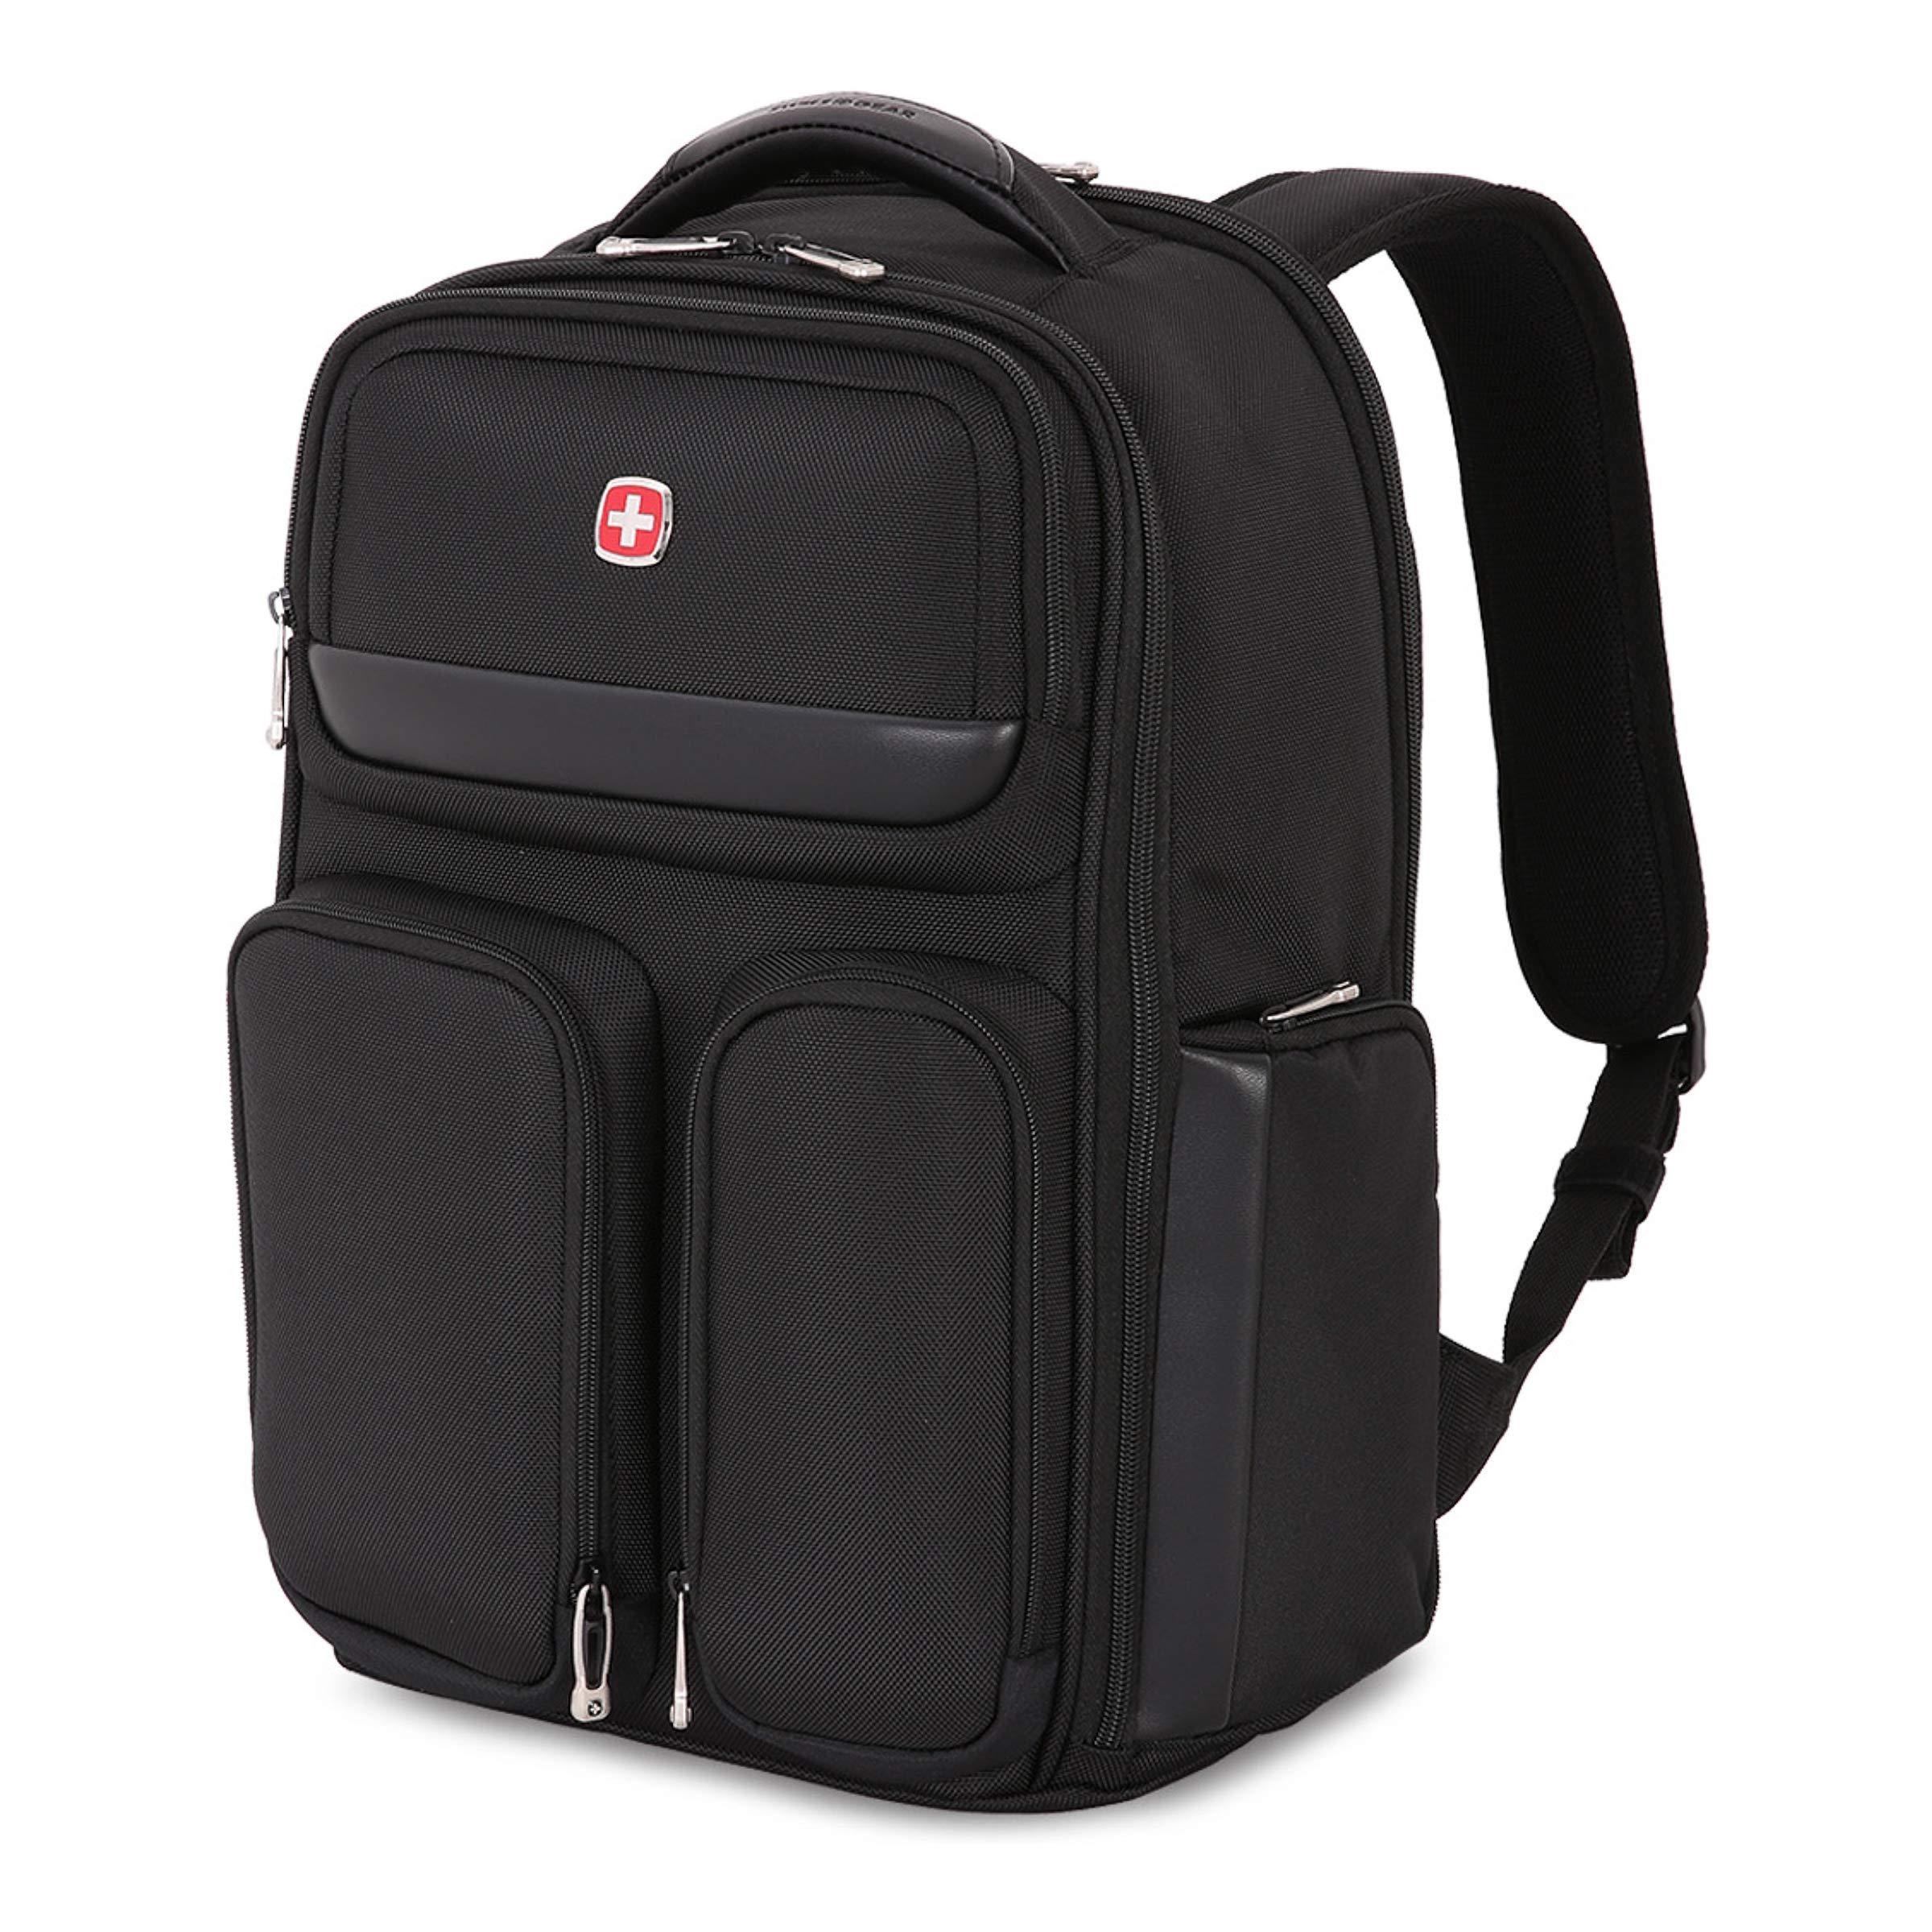 SWISSGEAR Large ScanSmart 15-inch Laptop Backpack | TSA-Friendly Carry-on | Travel, Work, School | Men's and Women's - Black by Swiss Gear